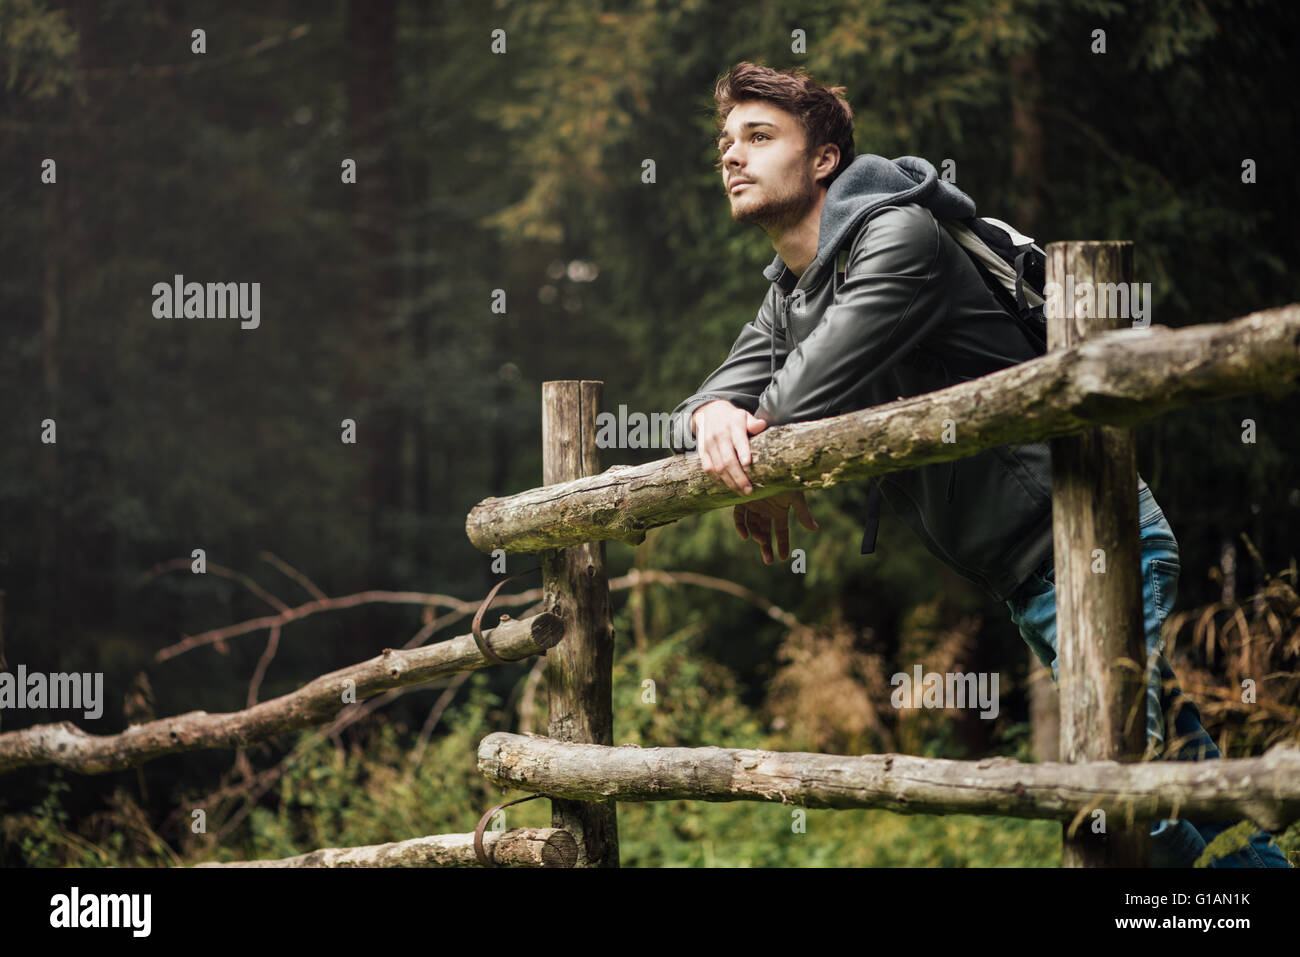 Joven con mochila de senderismo en el bosque y se apoya en una valla de madera, la naturaleza y el concepto de ejercicio Imagen De Stock